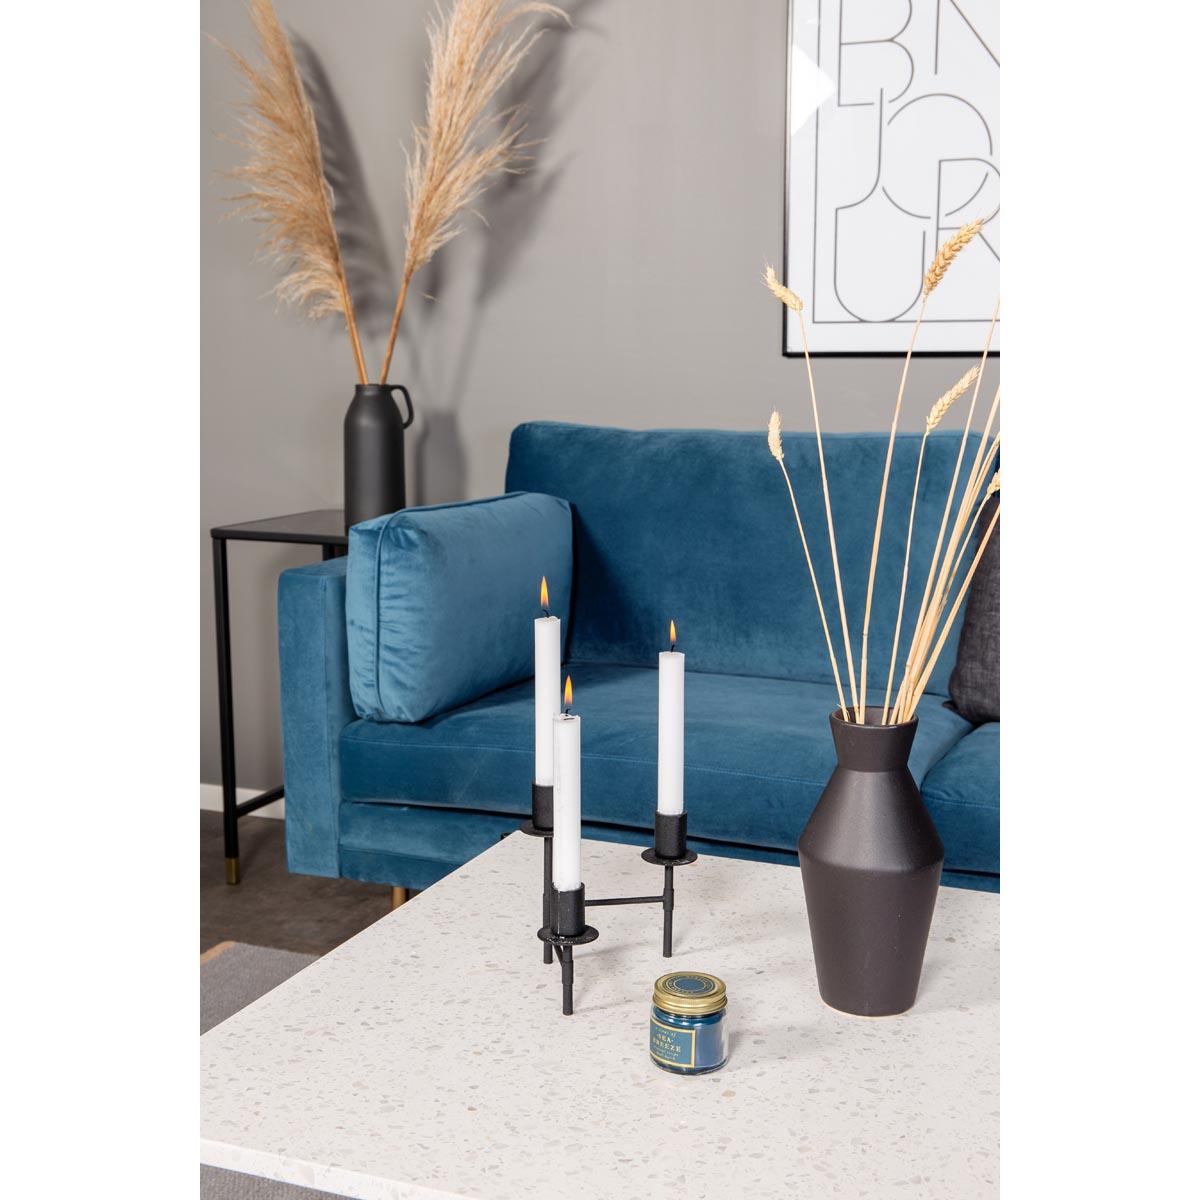 Boom-3-sits-soffa-bla-sammet-miljo-detalj-18045-987